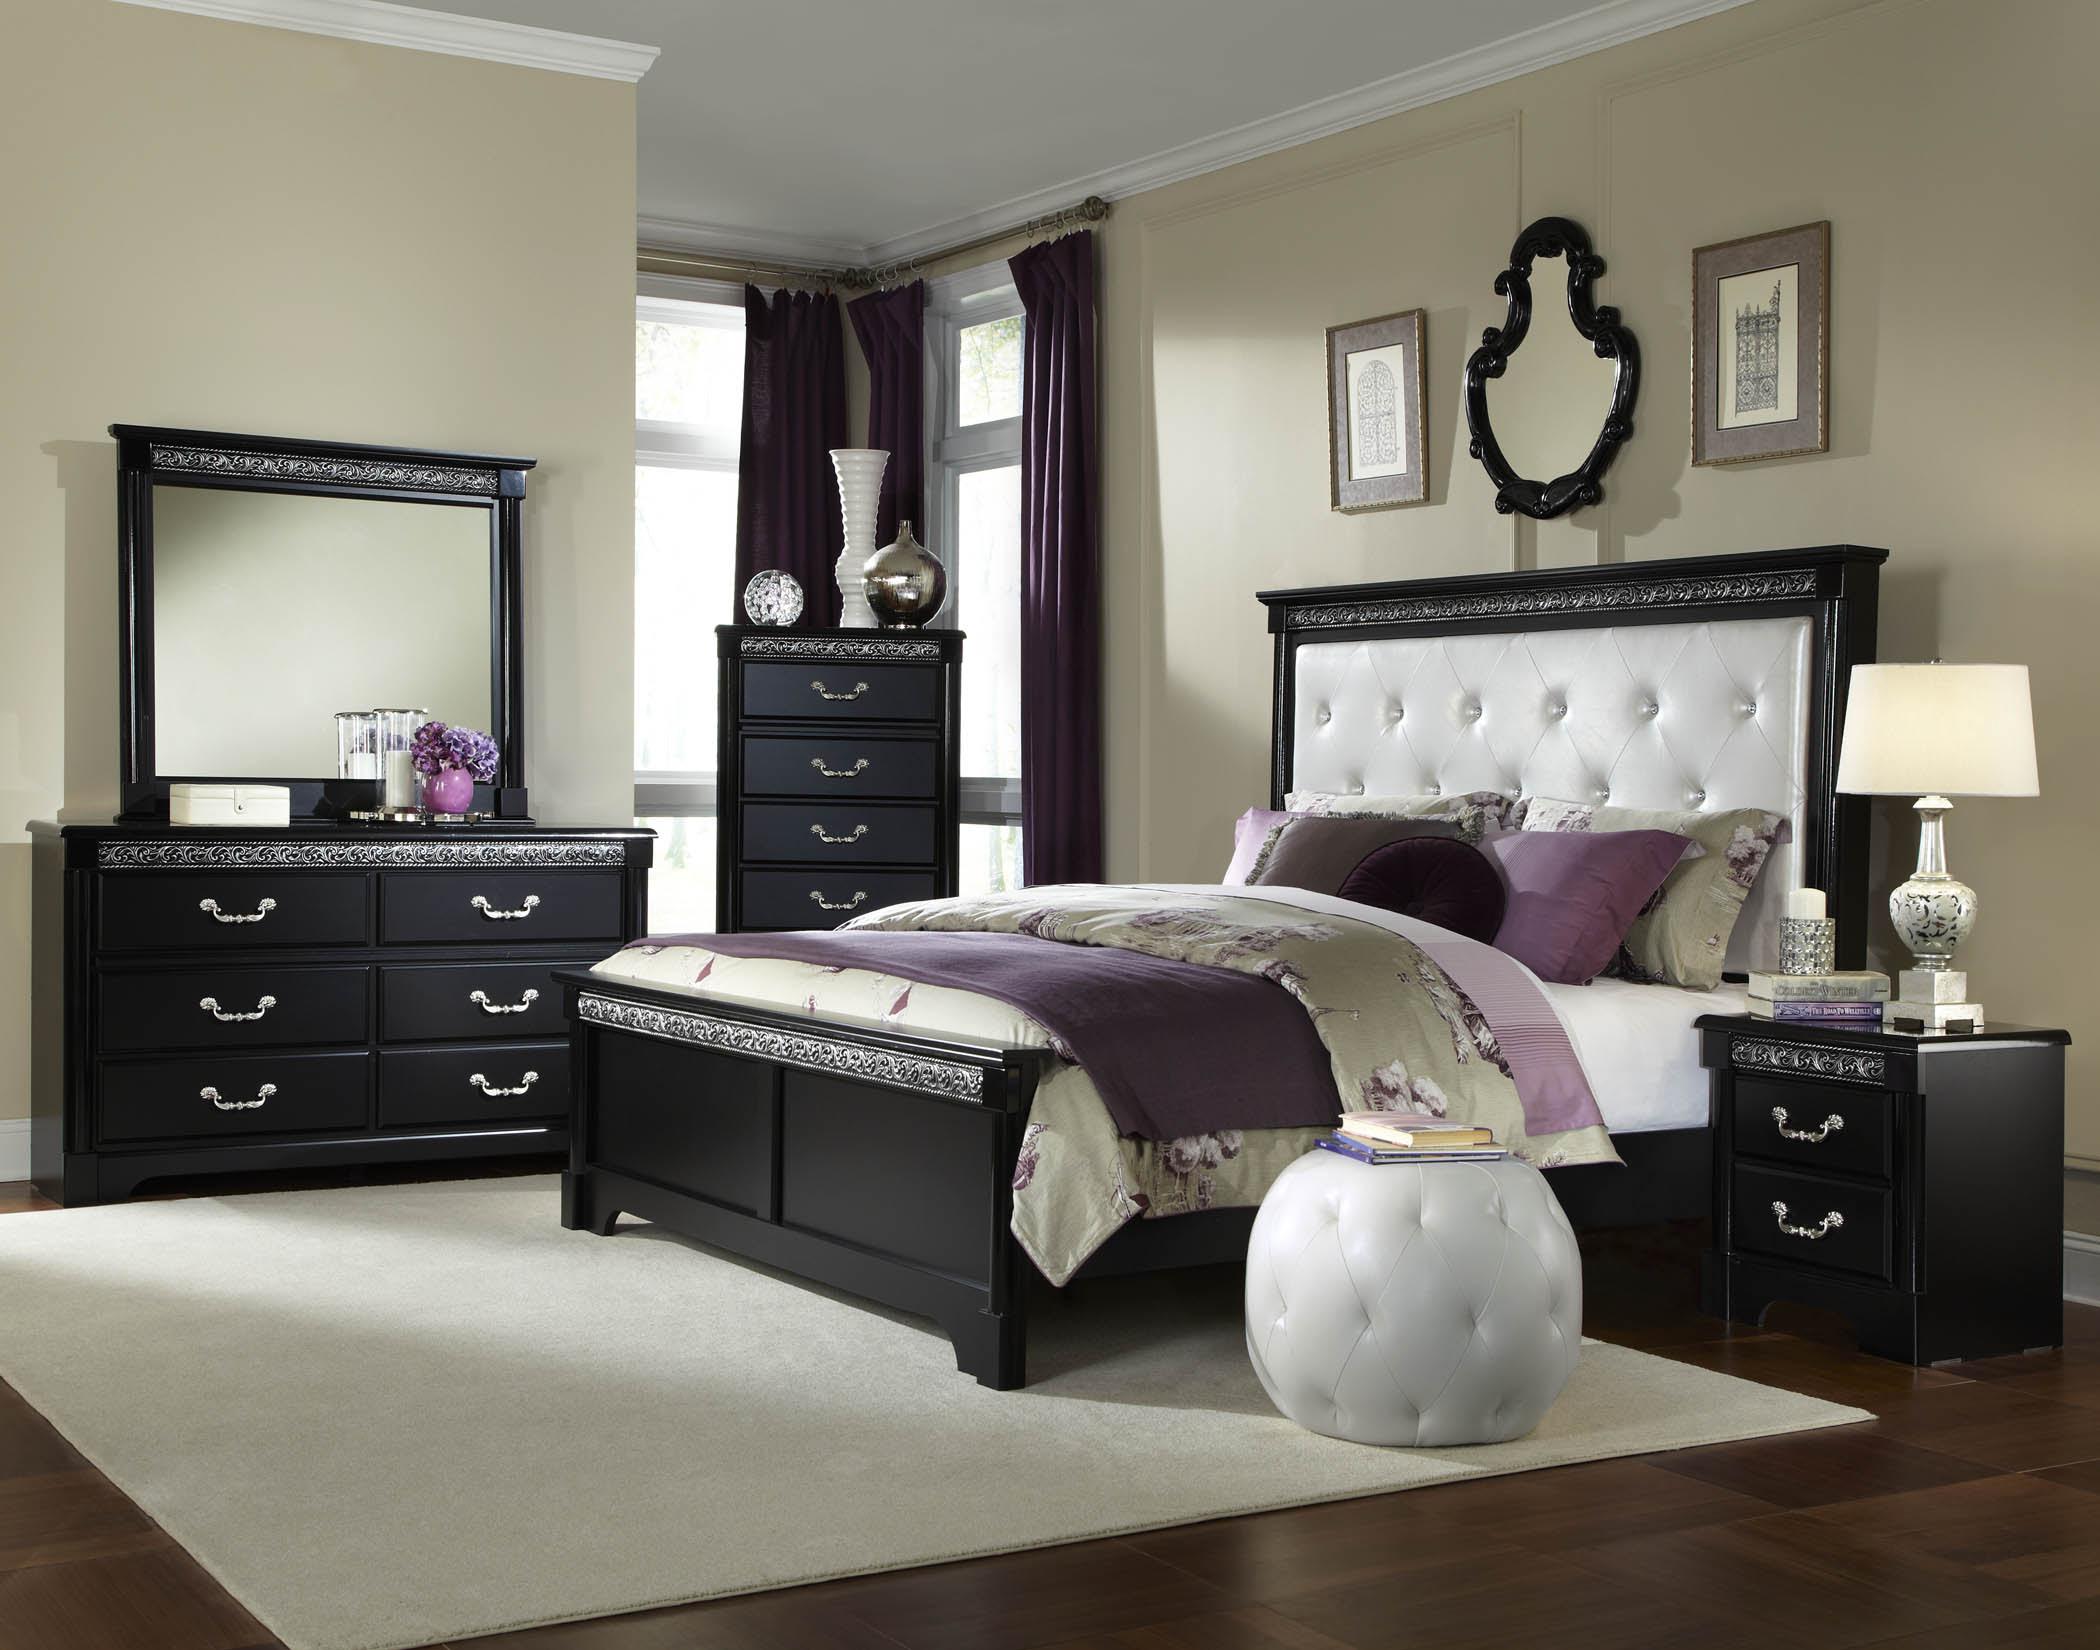 Black Bedroom Suite - Amazing Bedroom Ideas